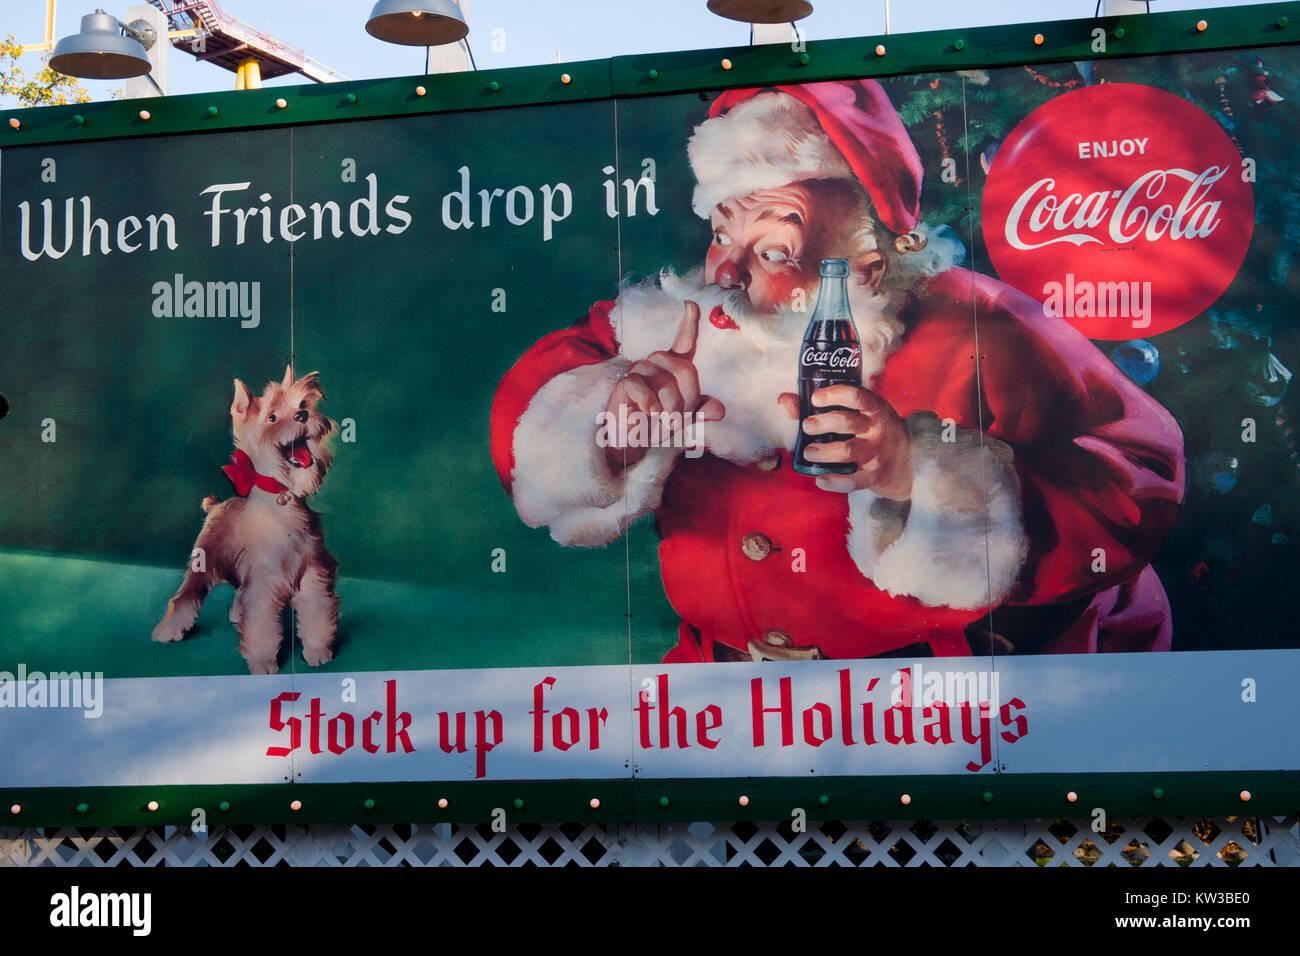 Coca Cola Werbung Weihnachten.Usa Virginia Williamsburg Va Weihnachten Urlaub In Busch